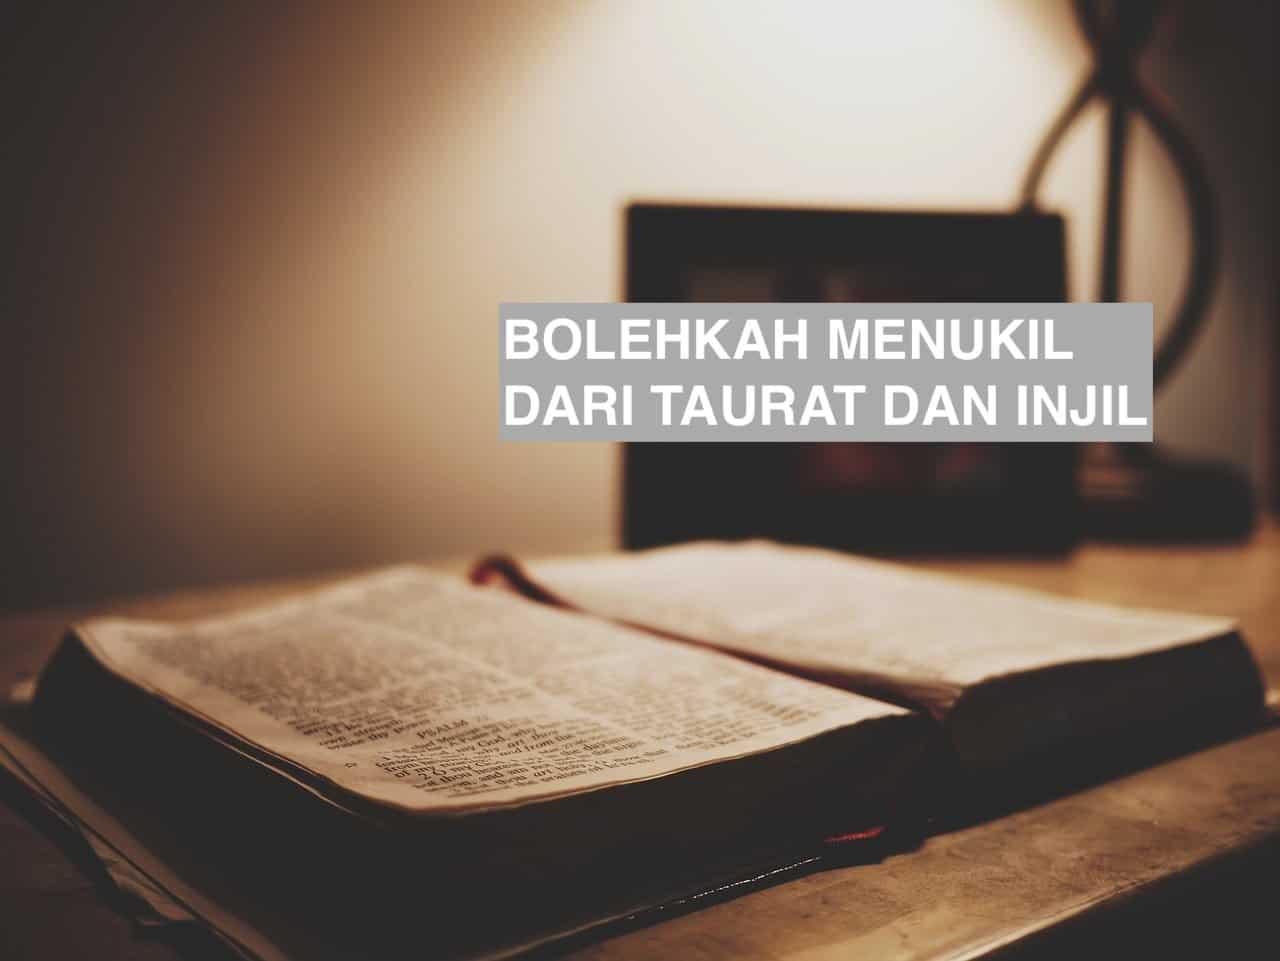 Bolehkah Menukil dari Taurat dan Injil